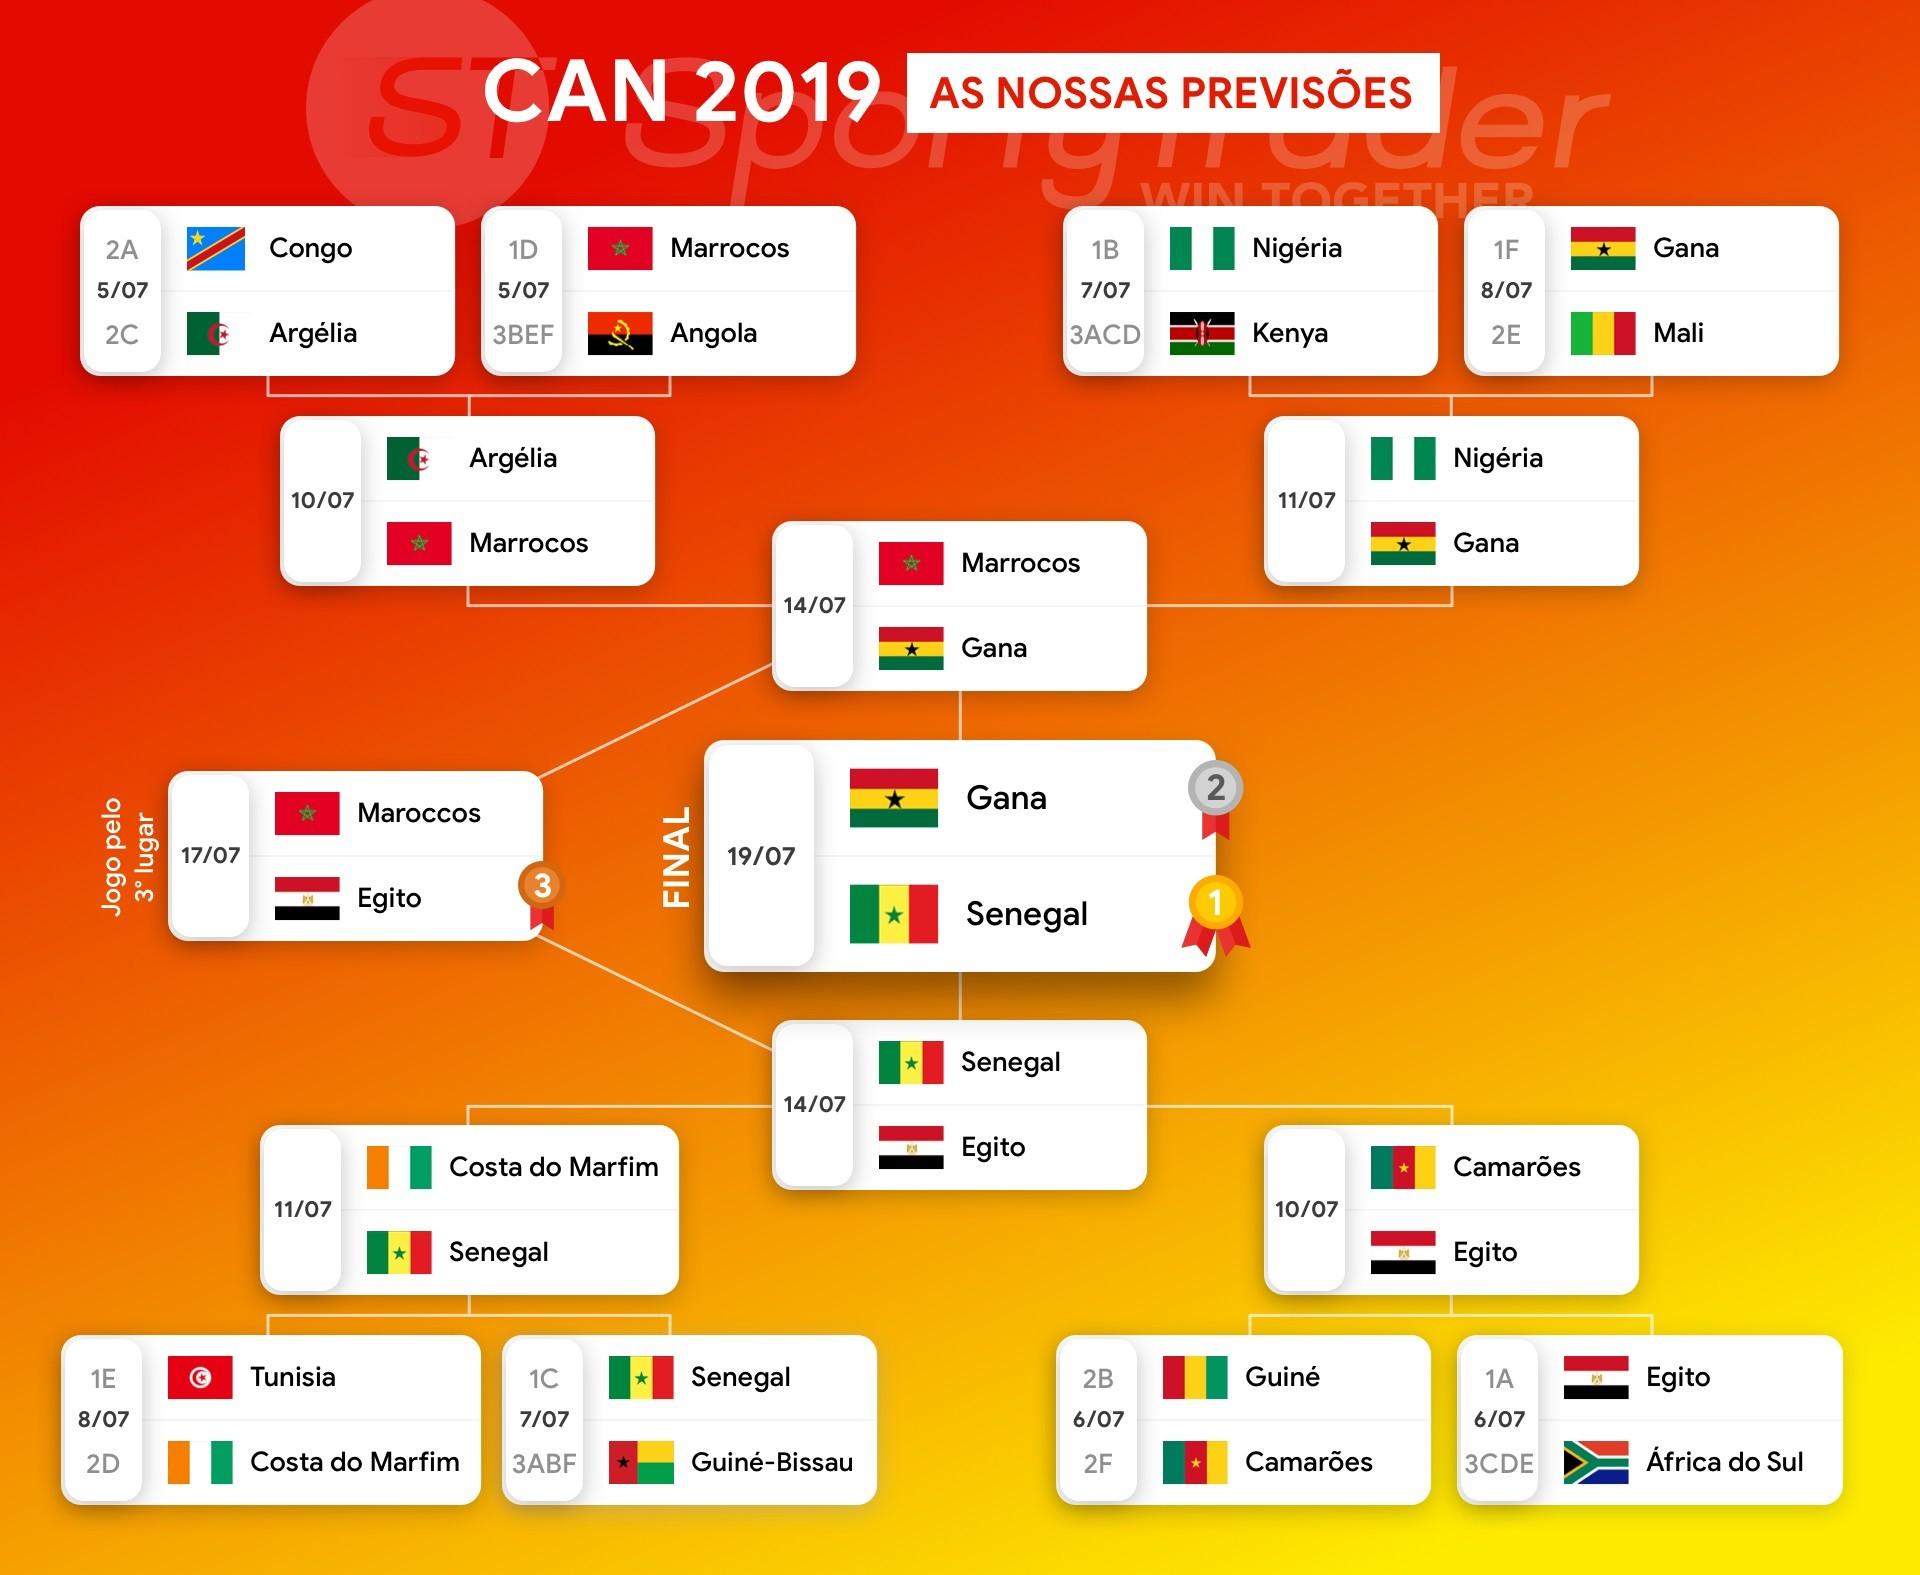 Apresentação e prognóstico do CAN 2019